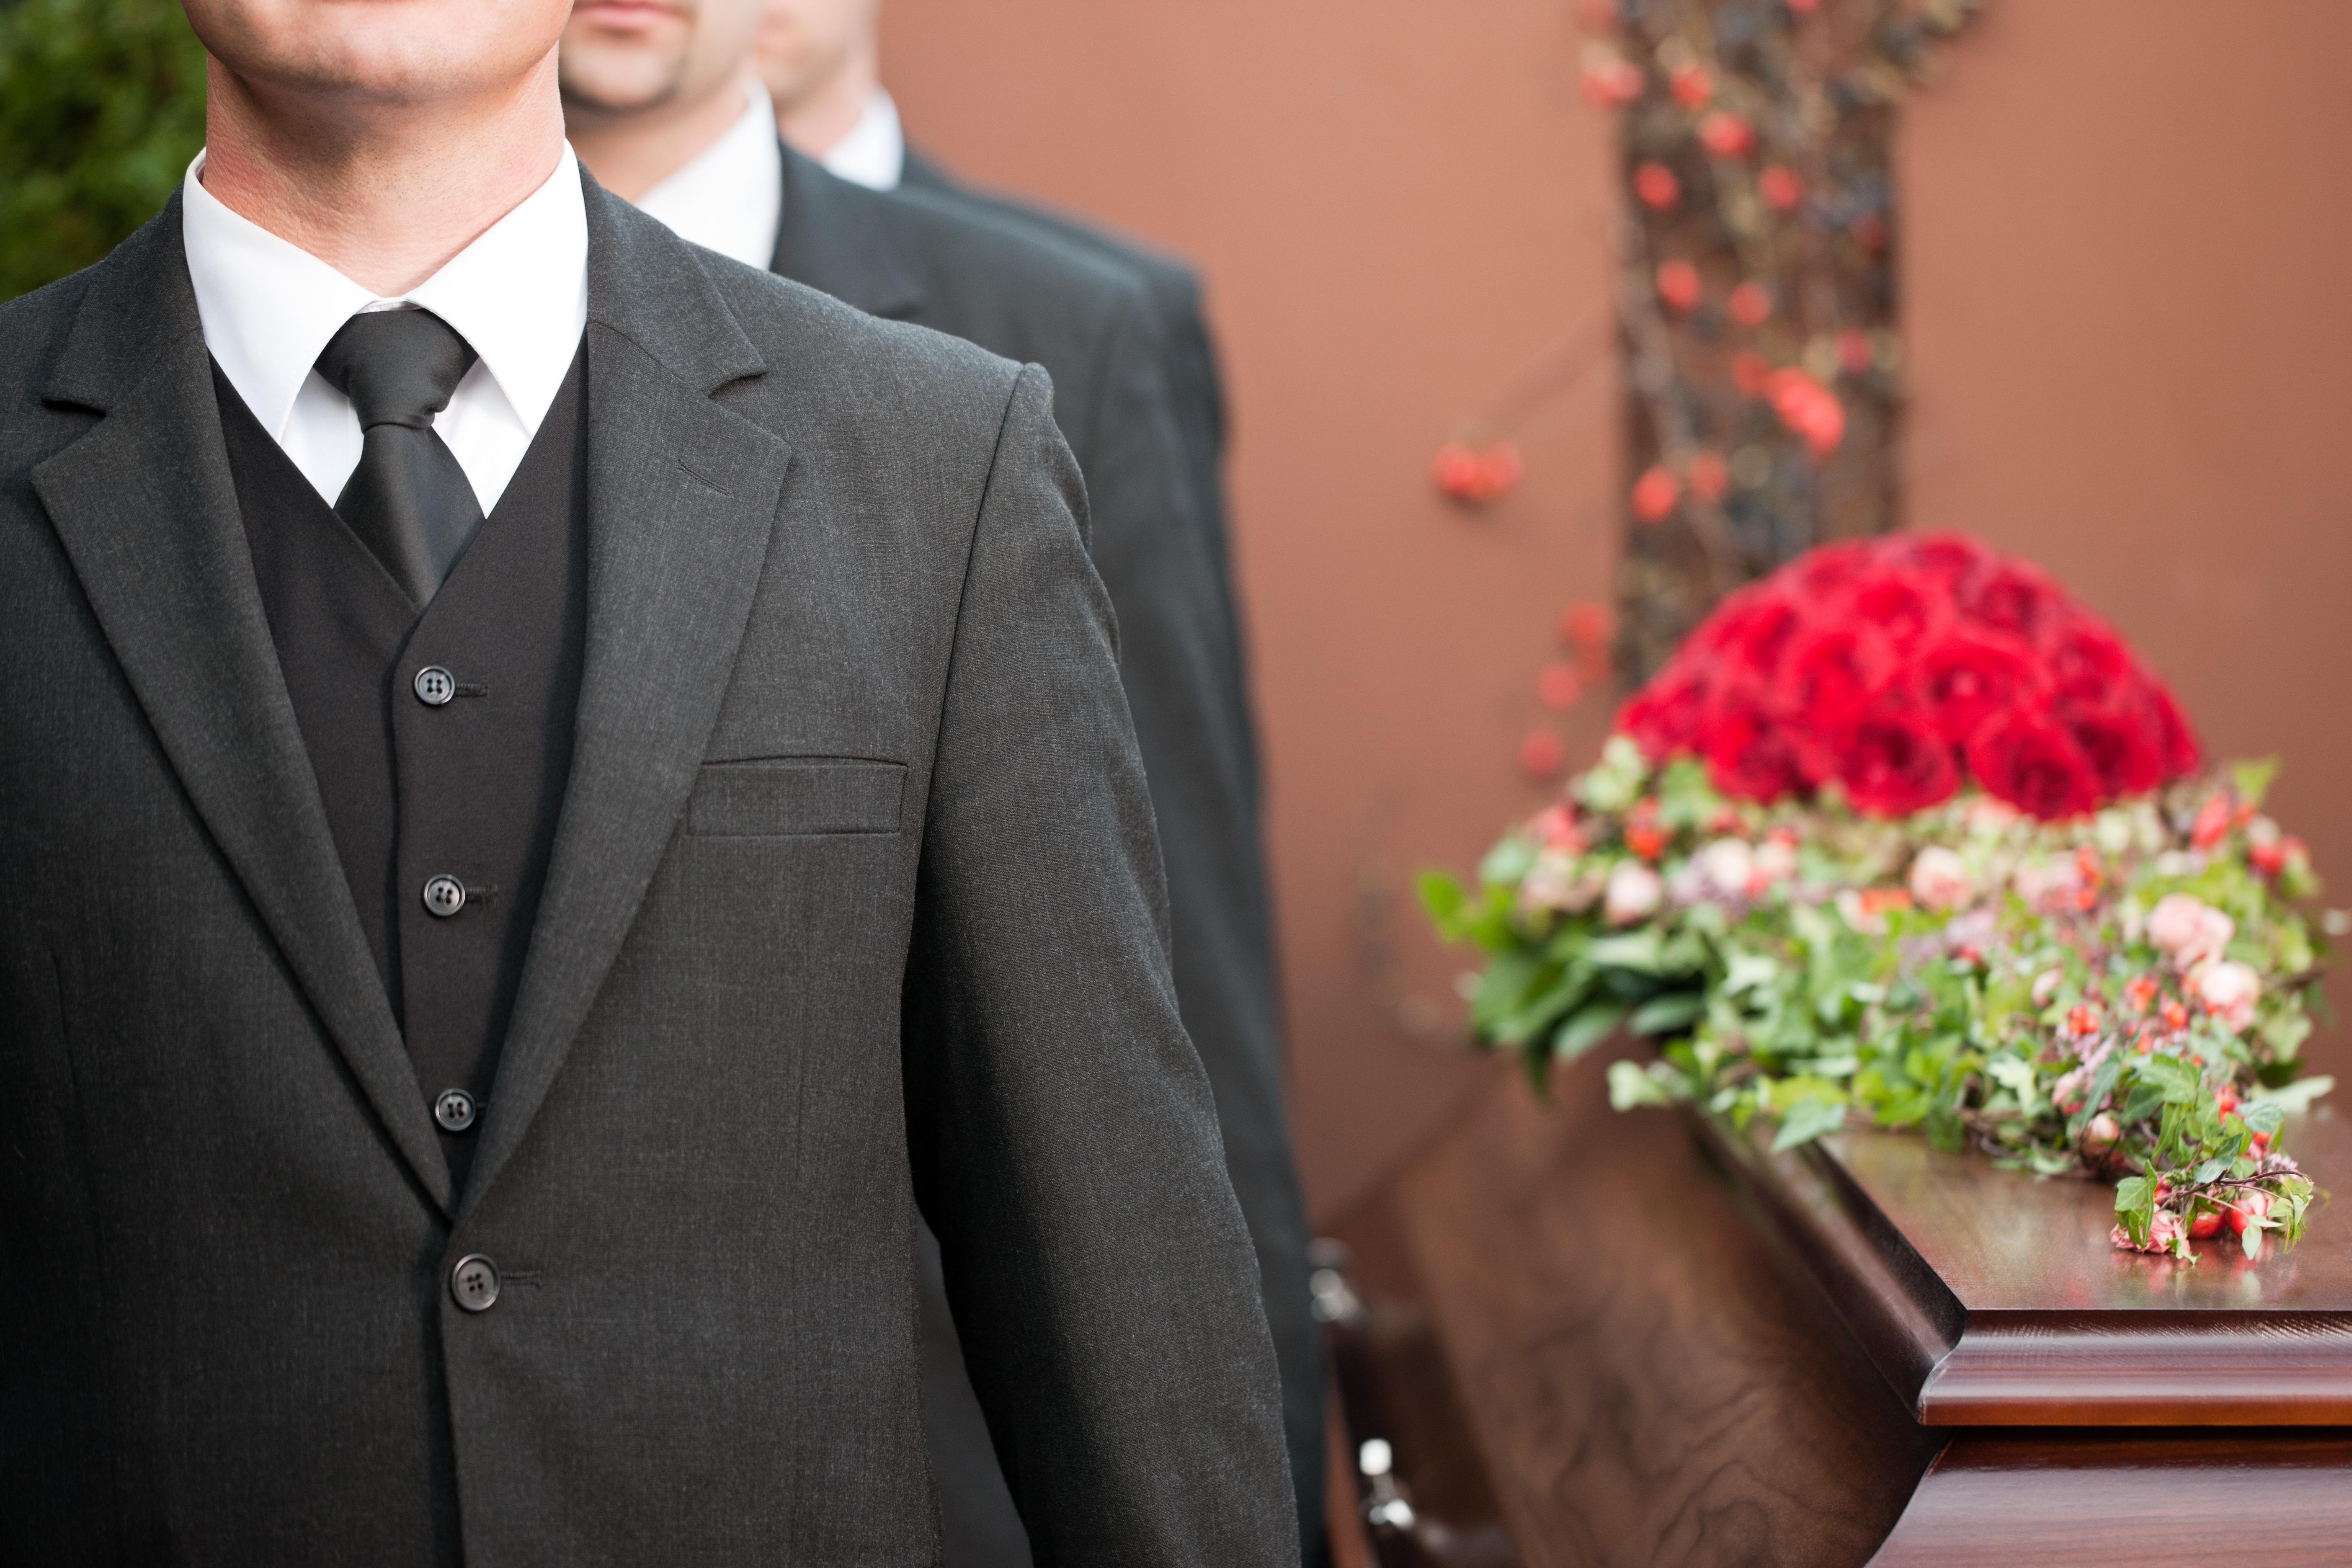 大阪府の葬儀・お葬式の基本情報【事情・しきたり】のサムネイル画像